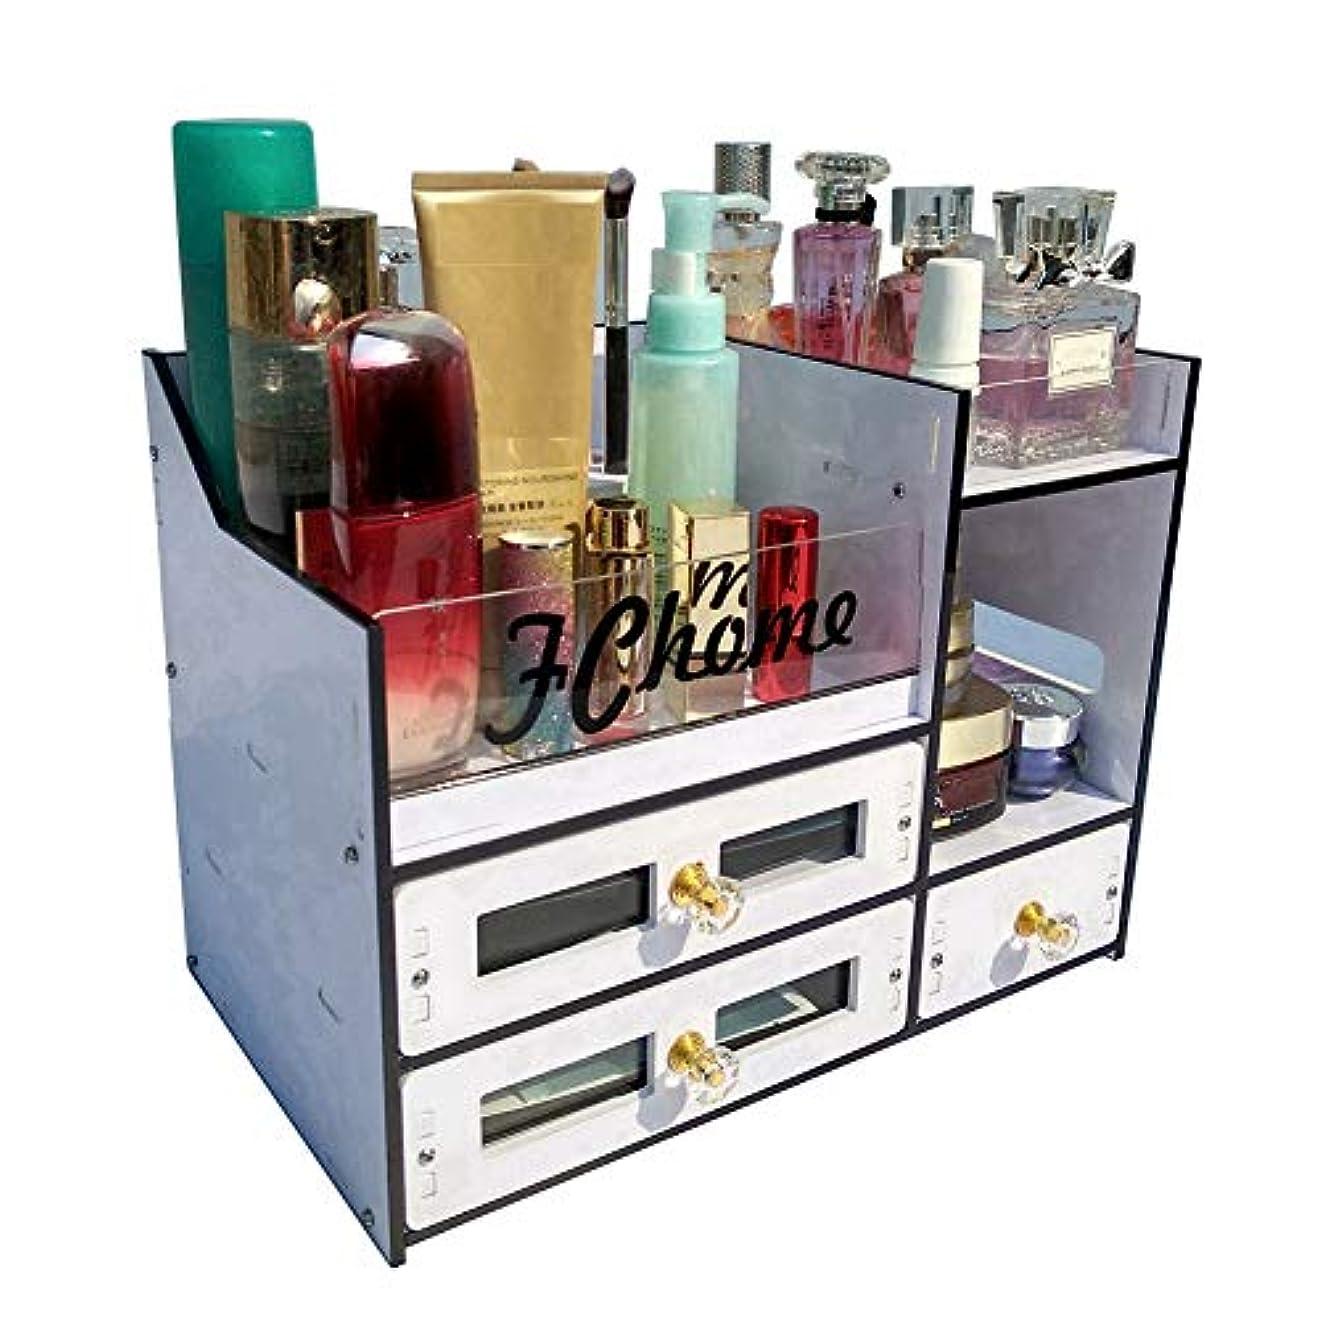 調子提供されたランダムFChome 化粧品収納ボックス 引き出し アクリルPVCジュエリー 化粧品ディスプレイケース メイクアップオーガナイザーセット 小さい